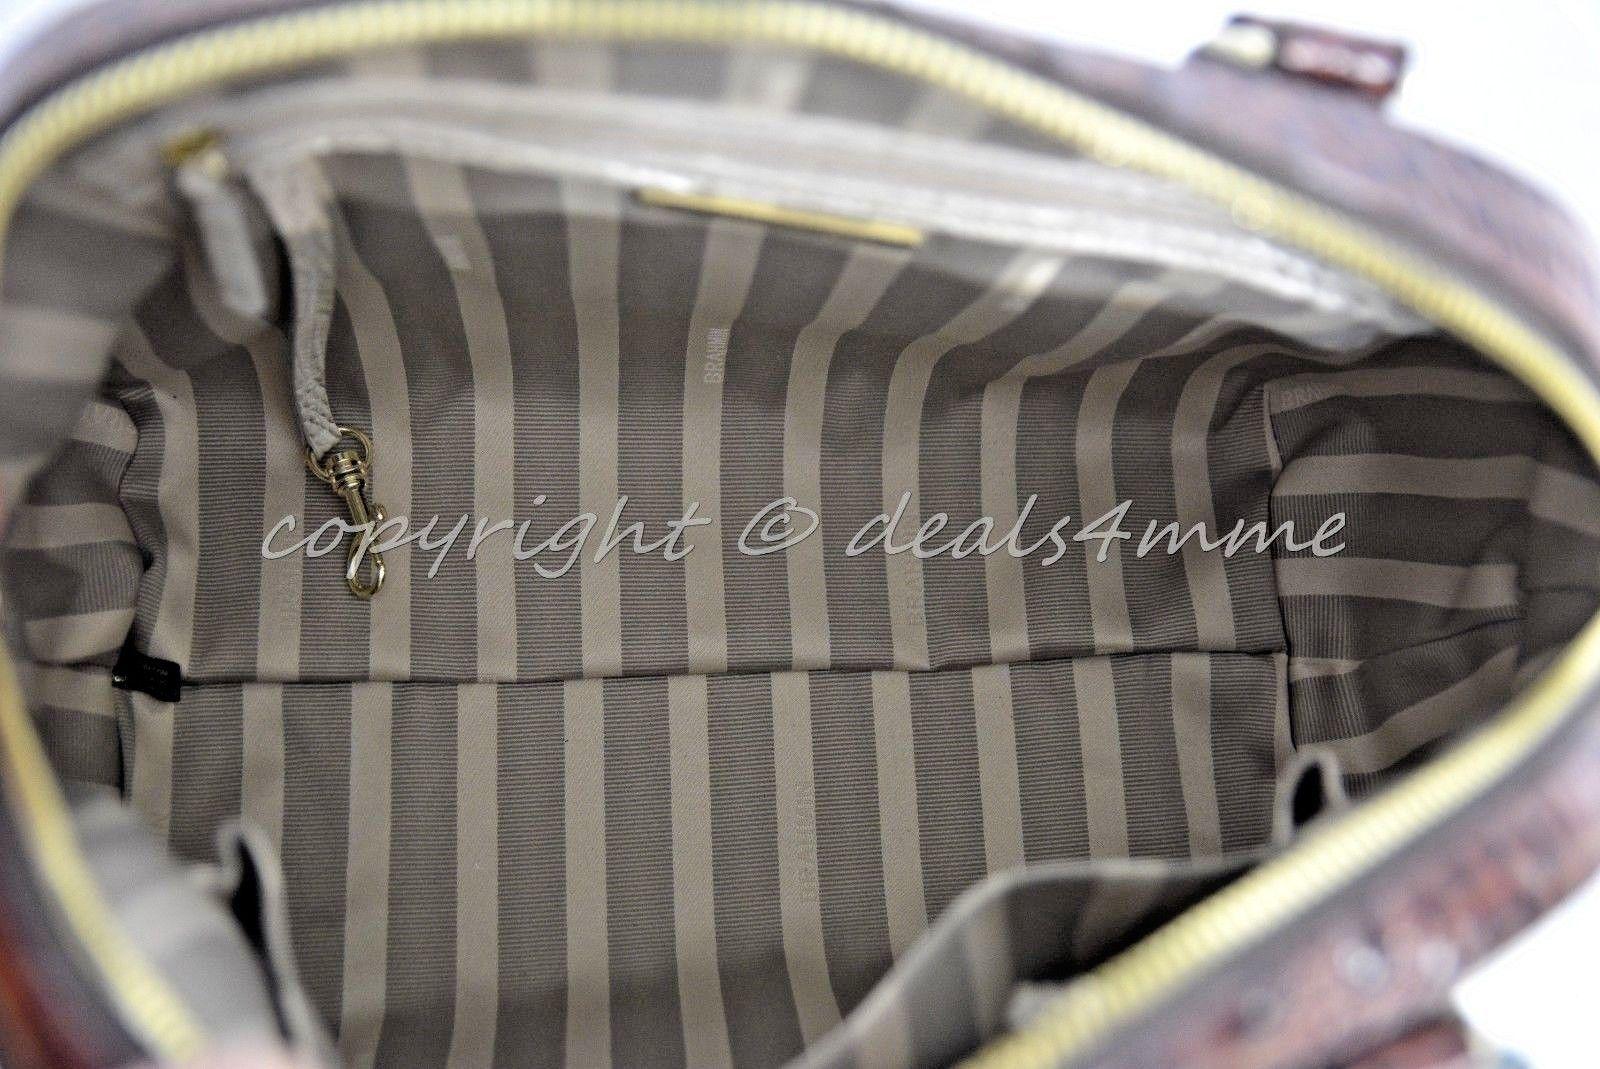 NWT Brahmin Hudson Satchel/Shoulder Bag in Linen Tri-Texture Beige, Pecan & Teal image 6